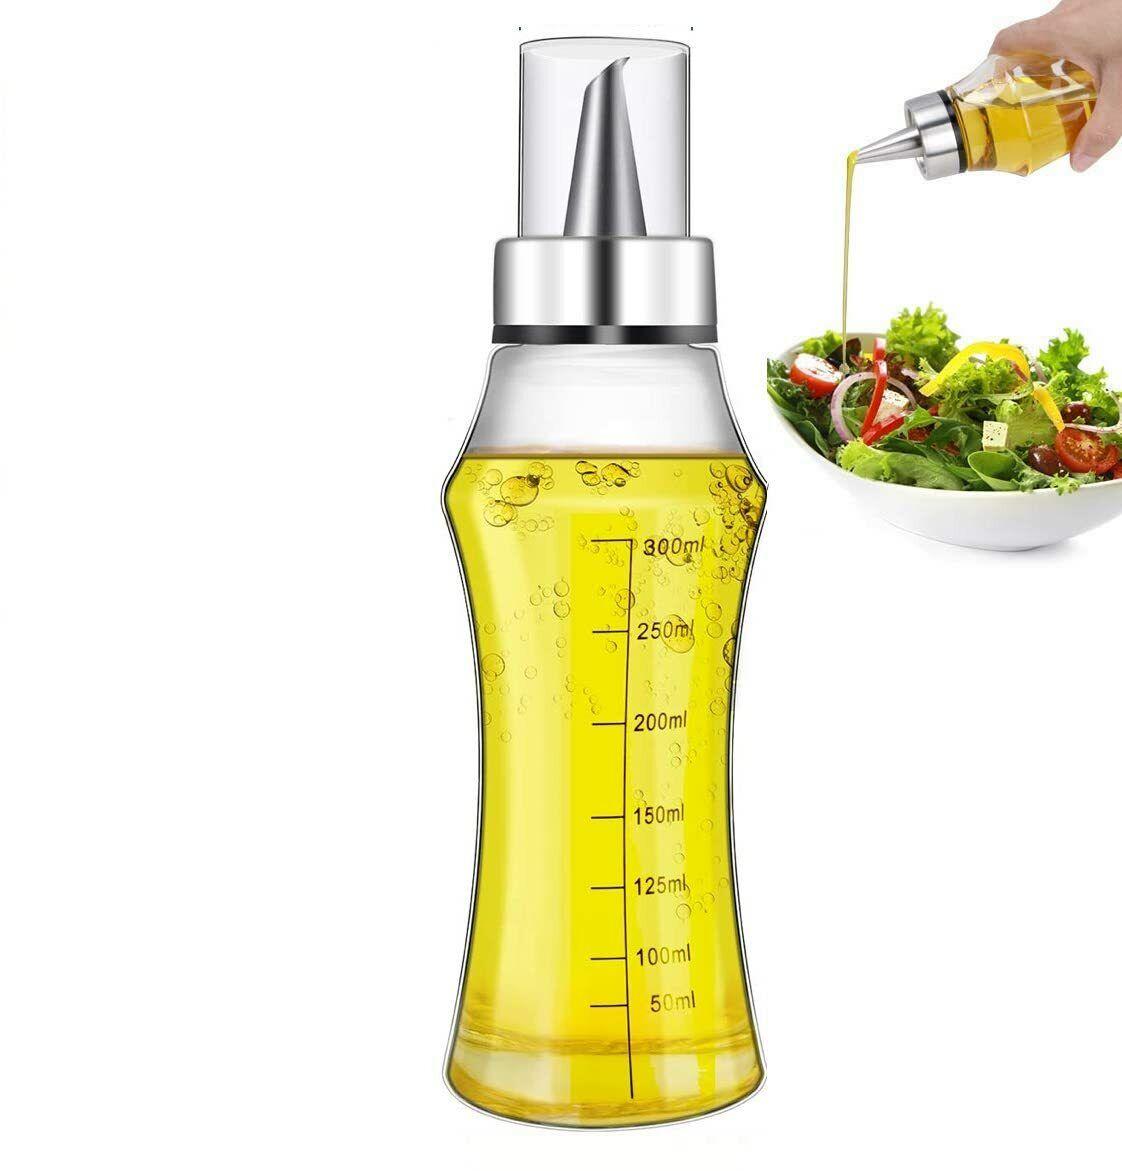 ORION Ölflasche Ölspender für Öl oder Essig 500 ml